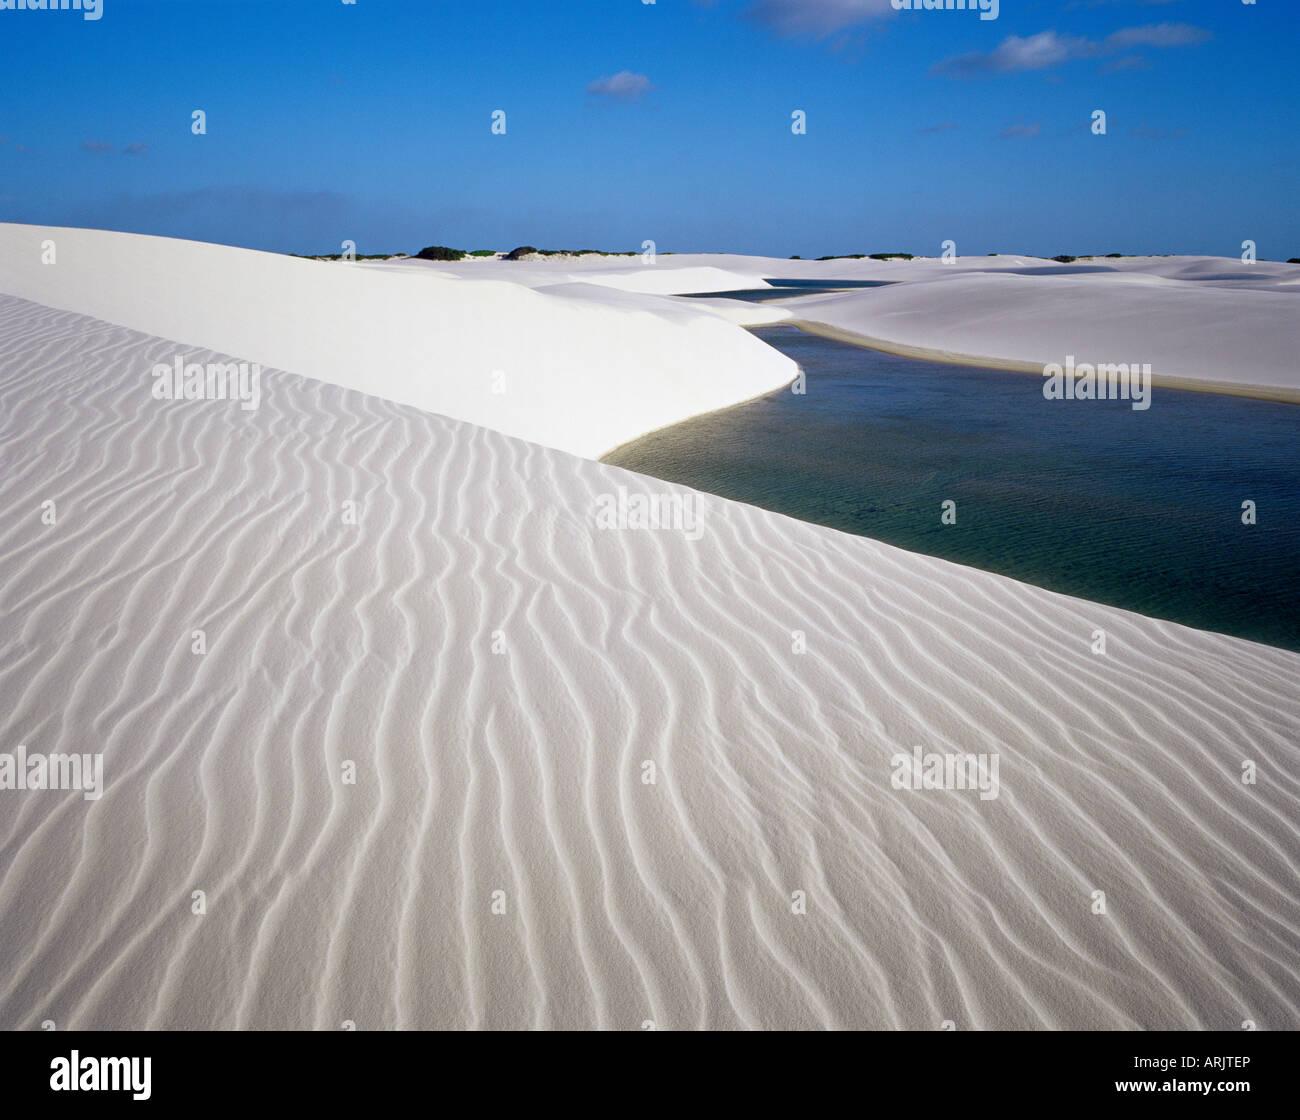 Dunas de Arena cerca de Laguna Bonita Laguna), el Parque Nacional dos Lencois Maranhenses, Brasil, América Imagen De Stock